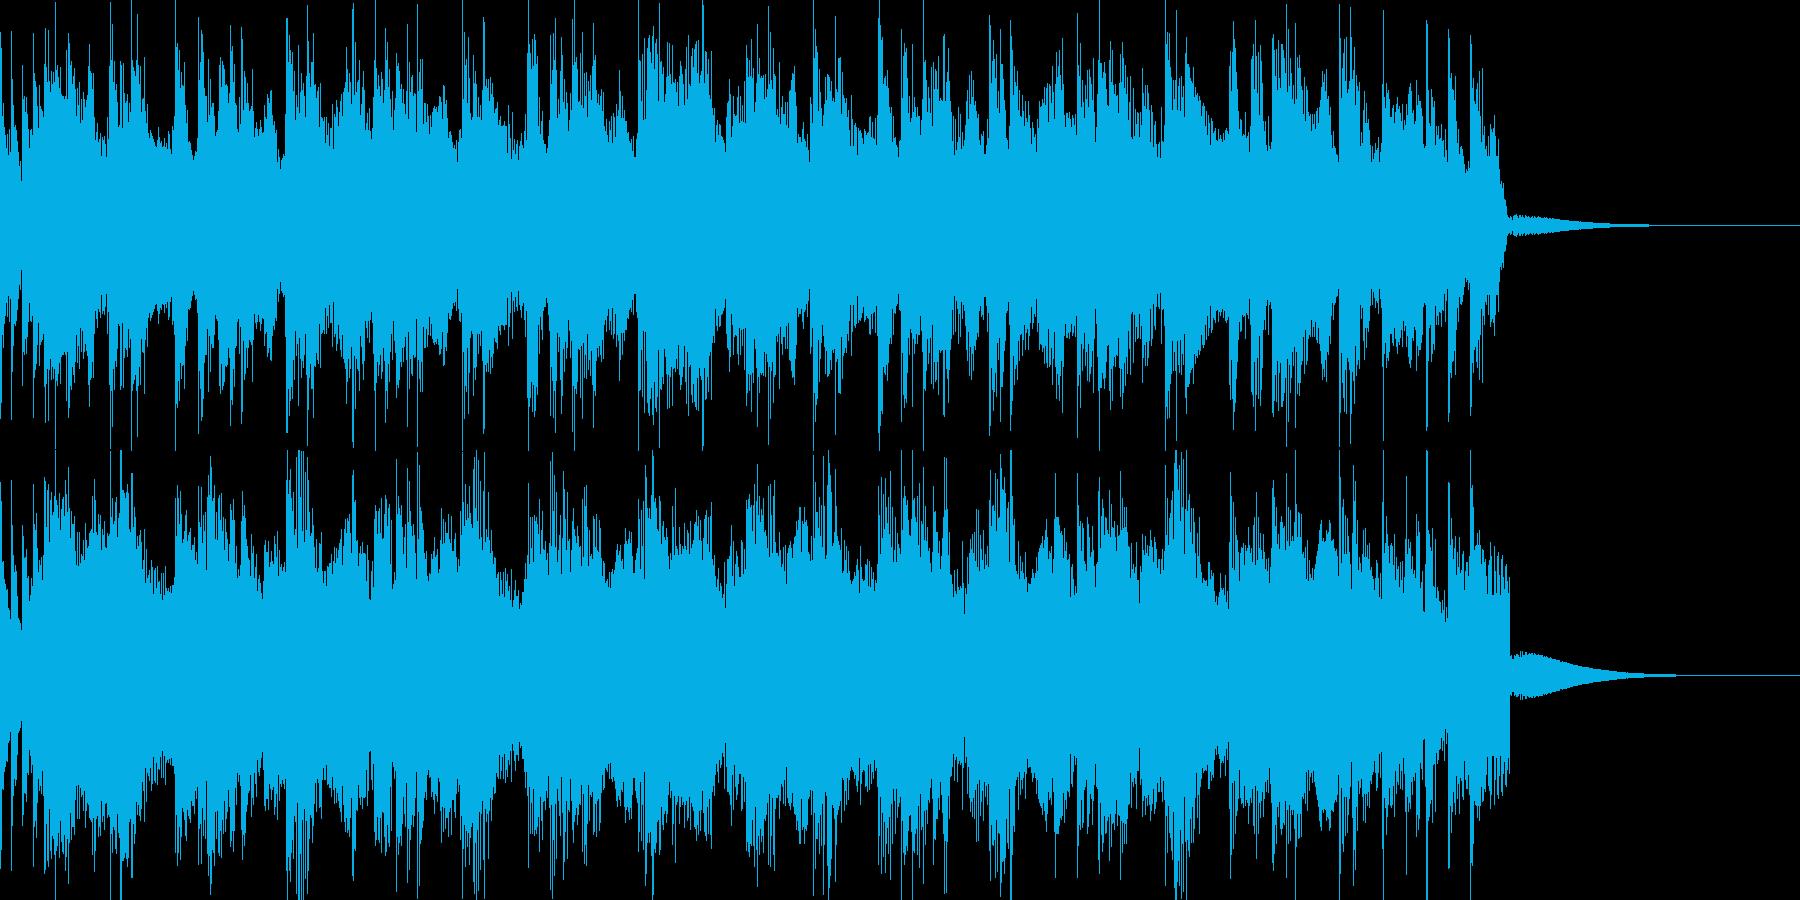 エスニック・激しいの再生済みの波形